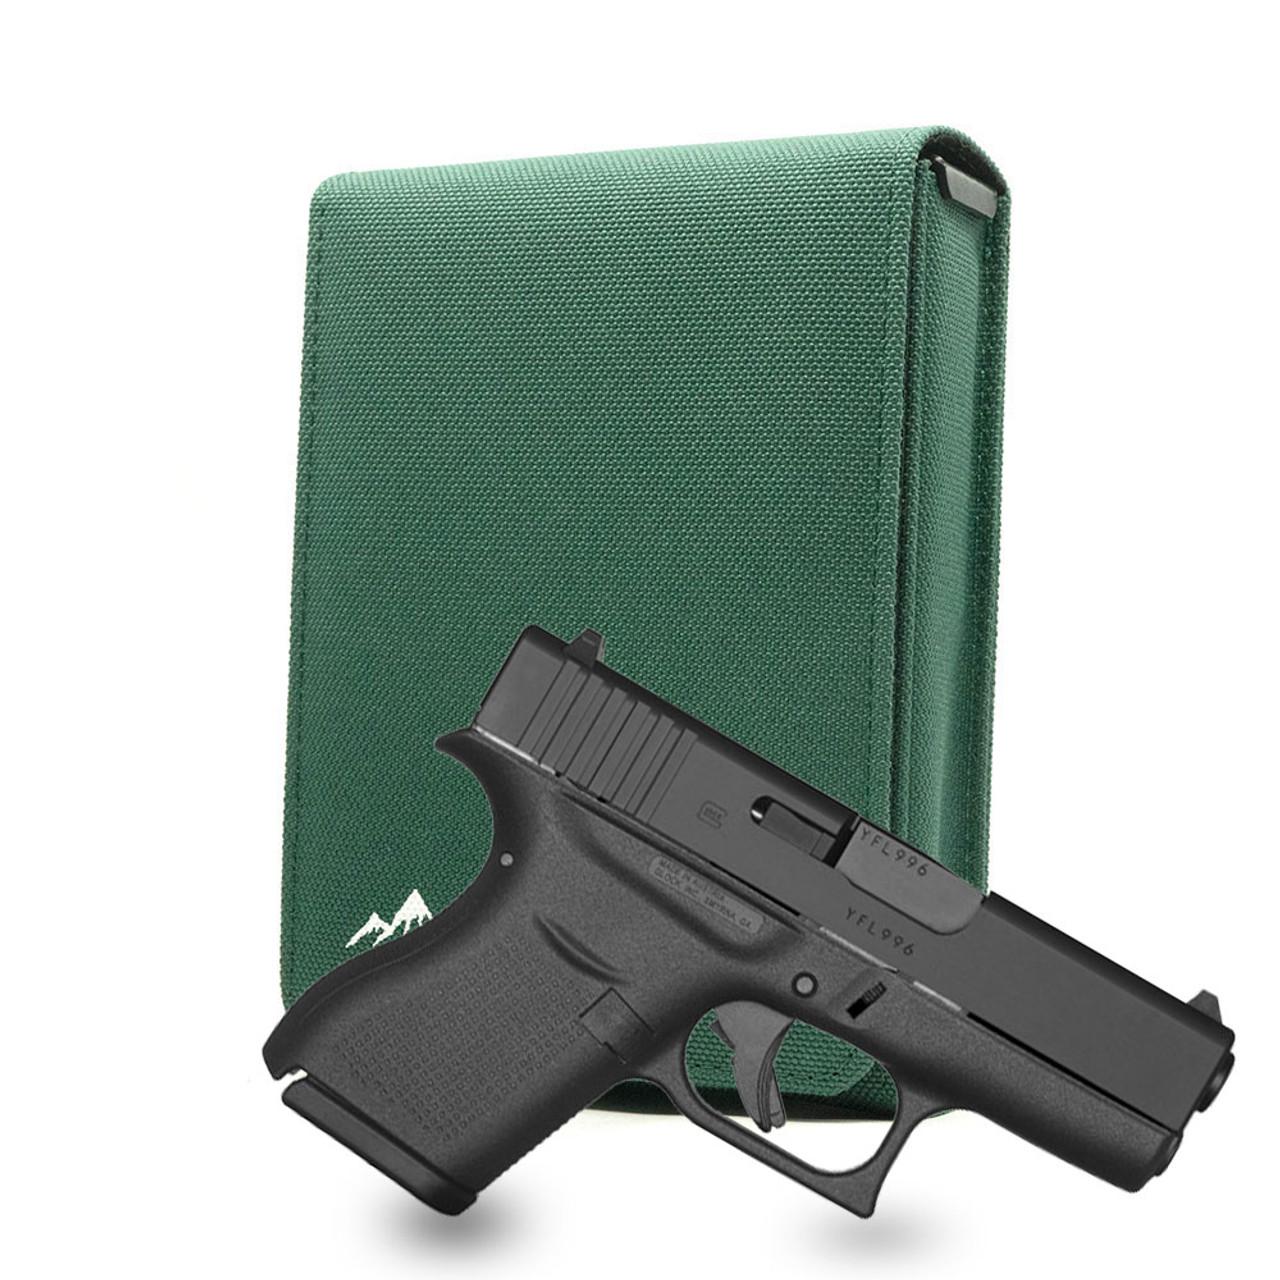 Glock 43 Green Covert Series Holster